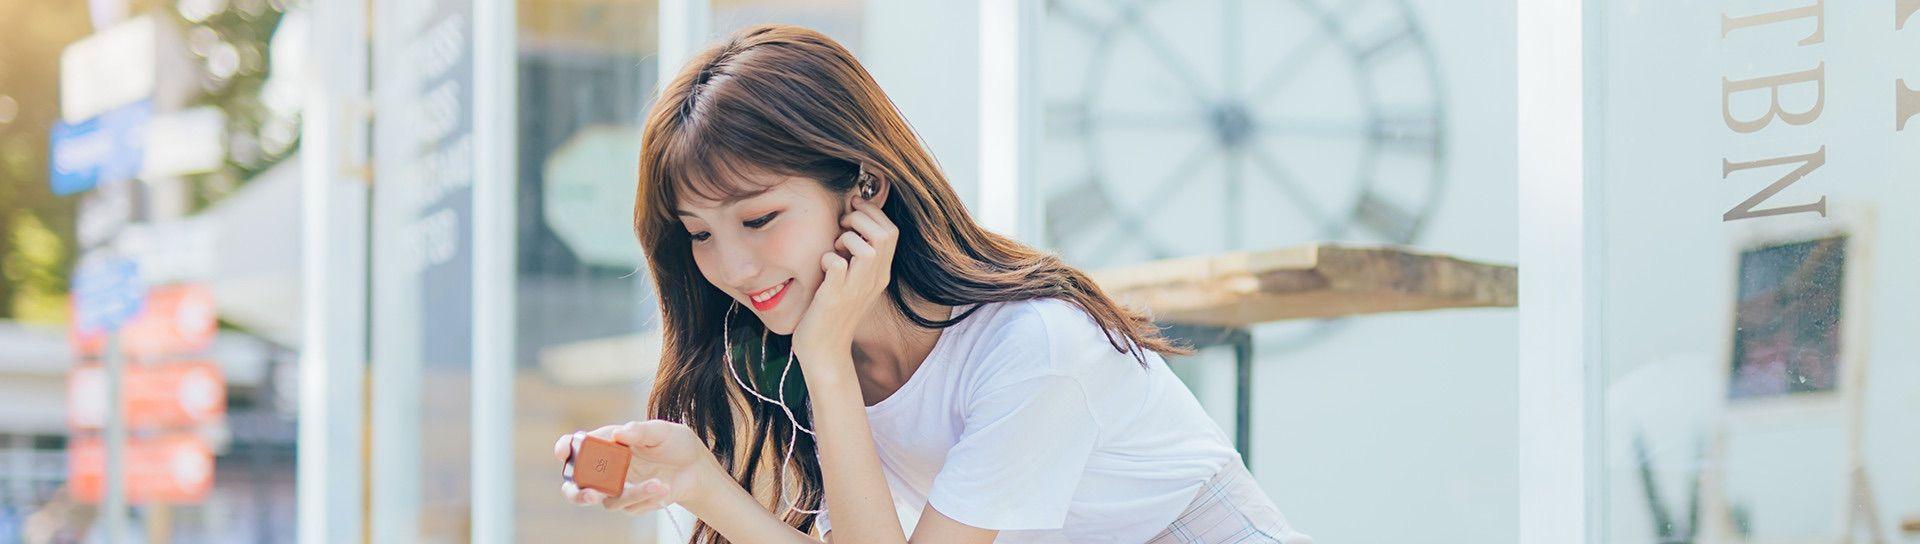 Chica escuchando música con el Shanling M0